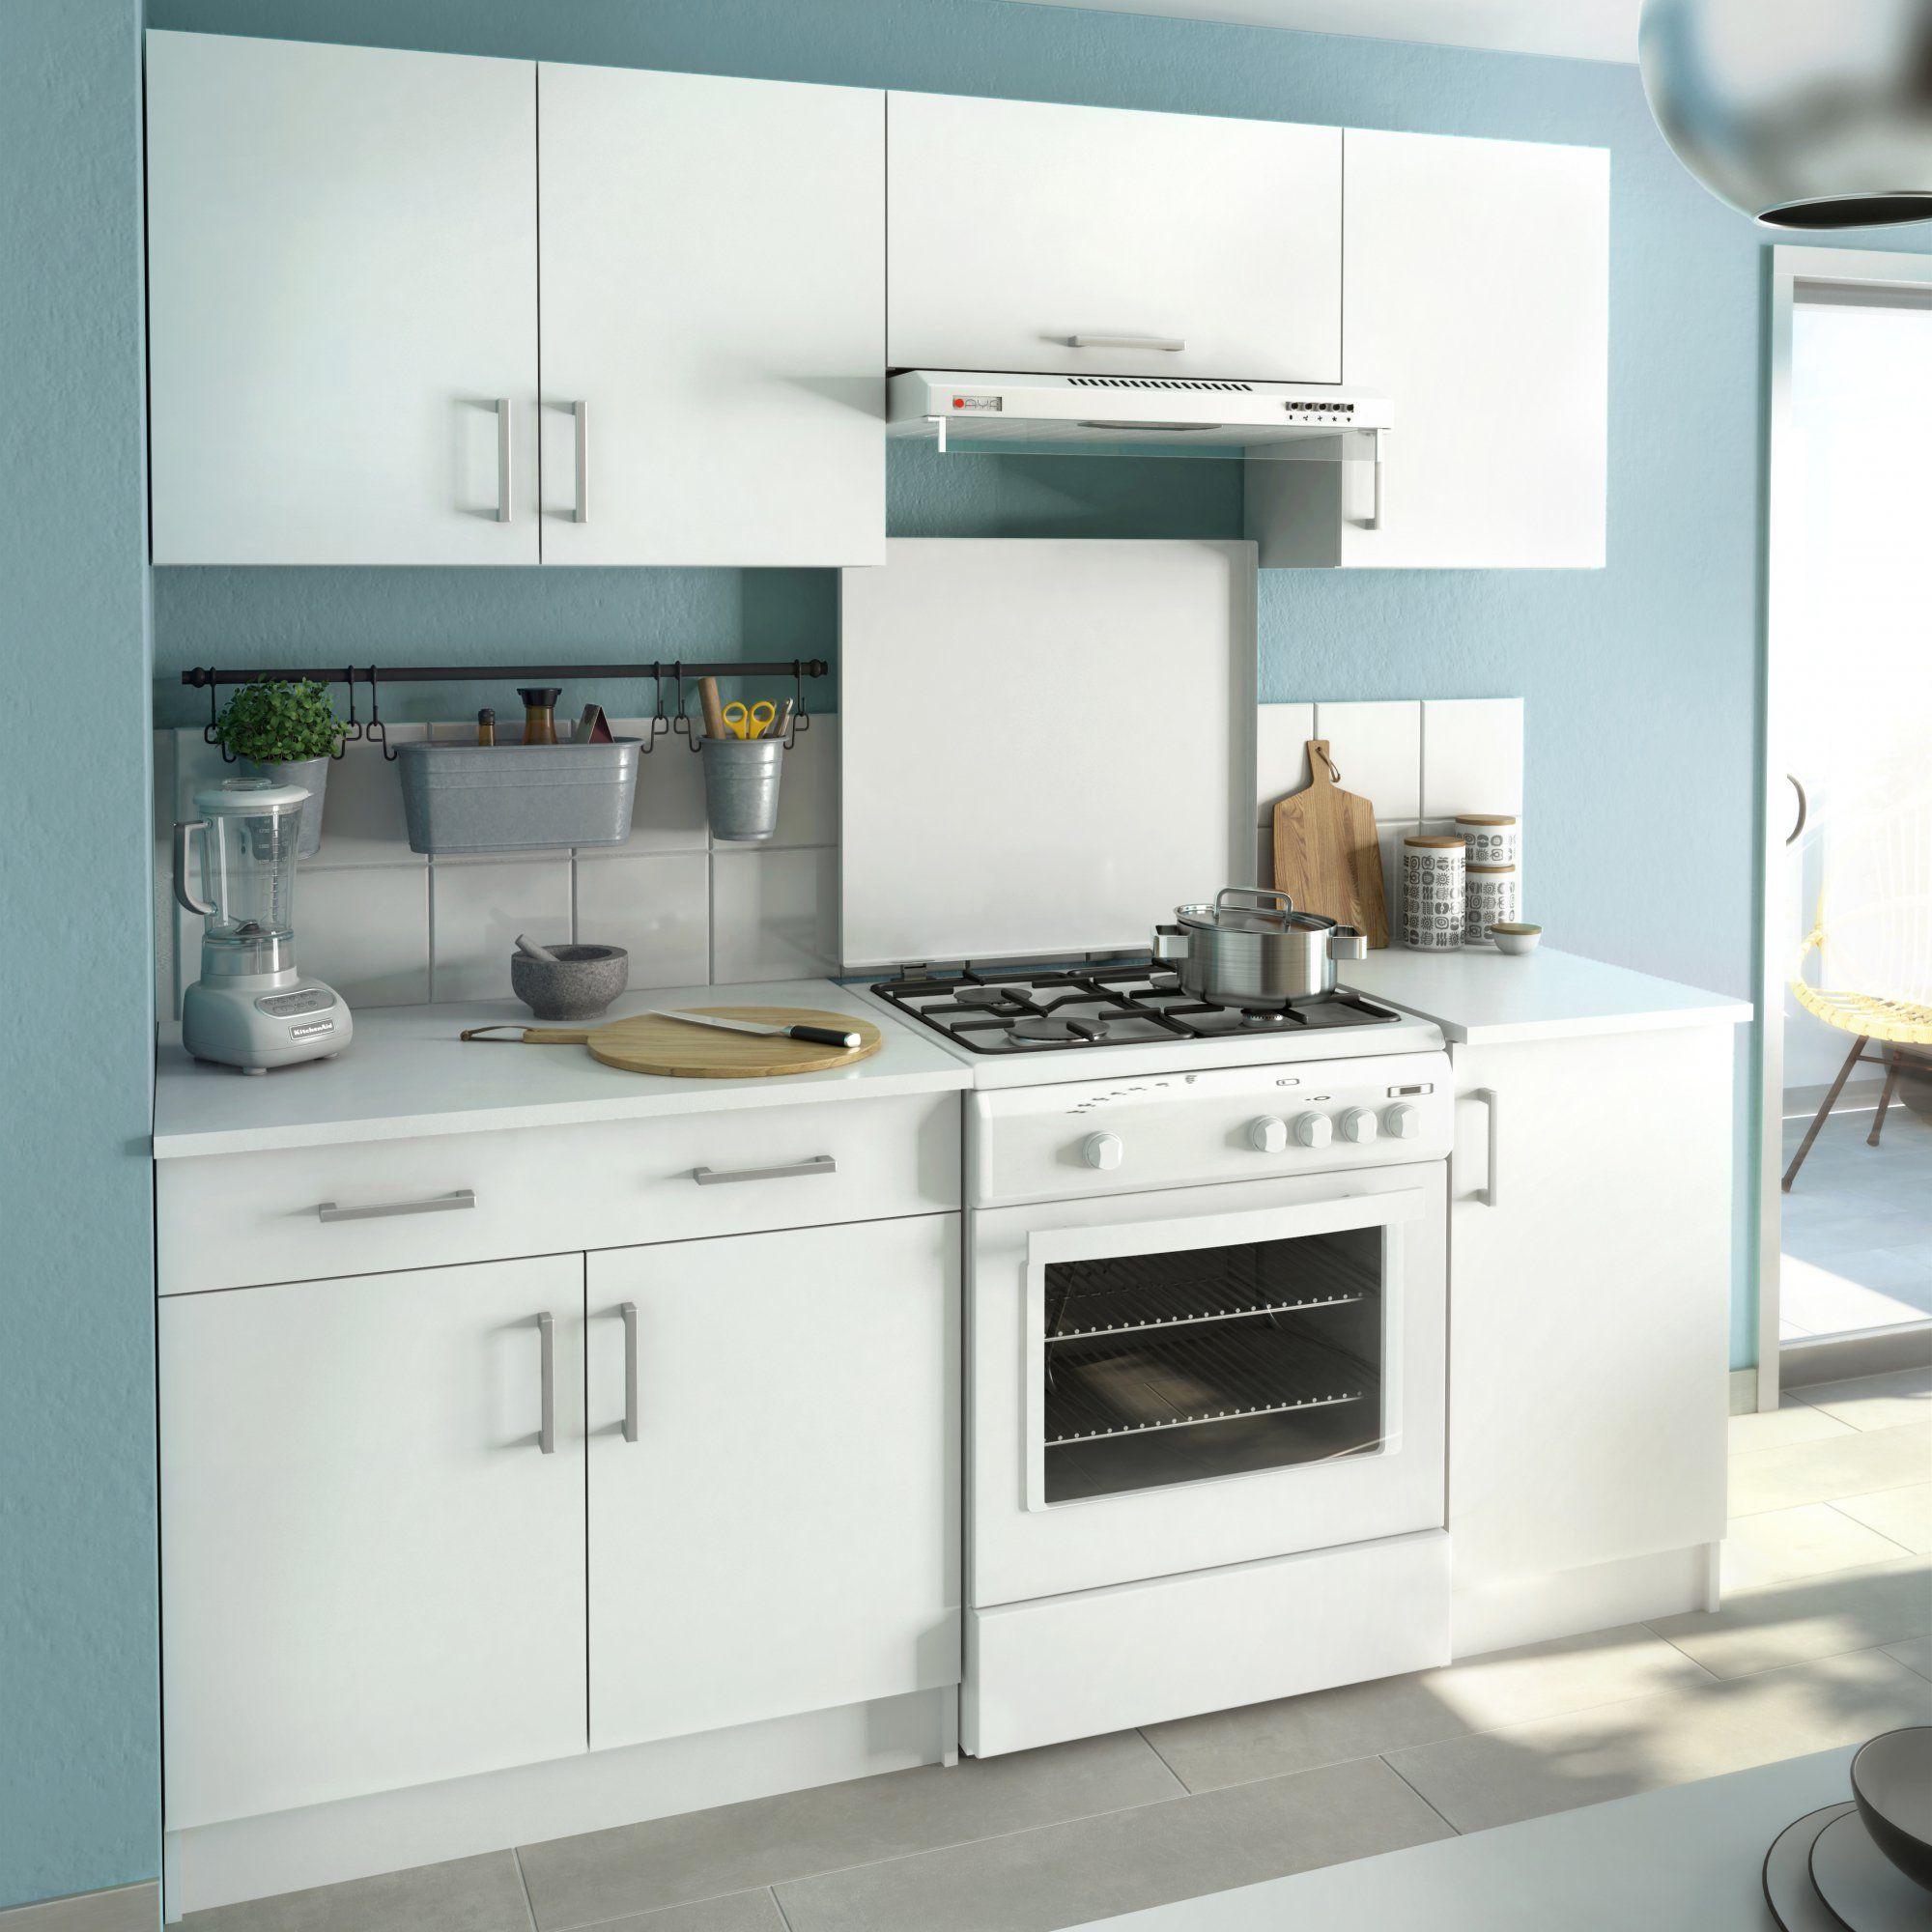 petite cuisine blanche mate d'inspiration rétro avec des meubles